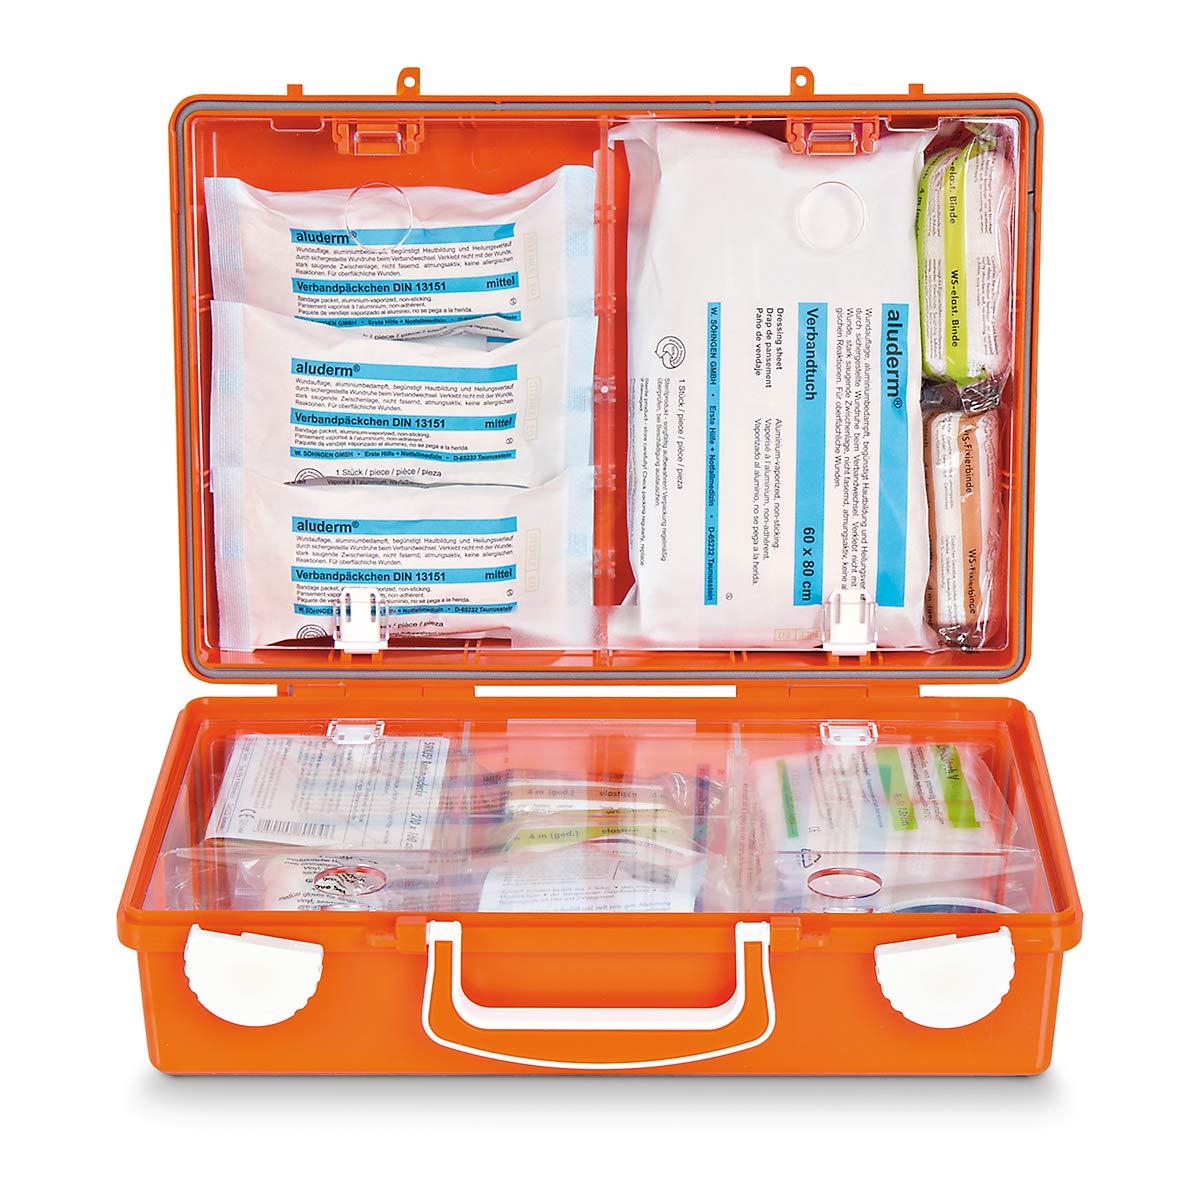 Erste-Hilfe-Koffer nach DIN 13157 - HxBxT 210 x 310 x 130 mm - mit Inhalt - Apotheke Apotheken Arzneischrank Arzneischränke Betriebssicherheit Erste-Hilfe Erste-Hilfe-Schrank Erste-Hilfe-Schränke Hängeschrank Medizinschrank Medizinschrä